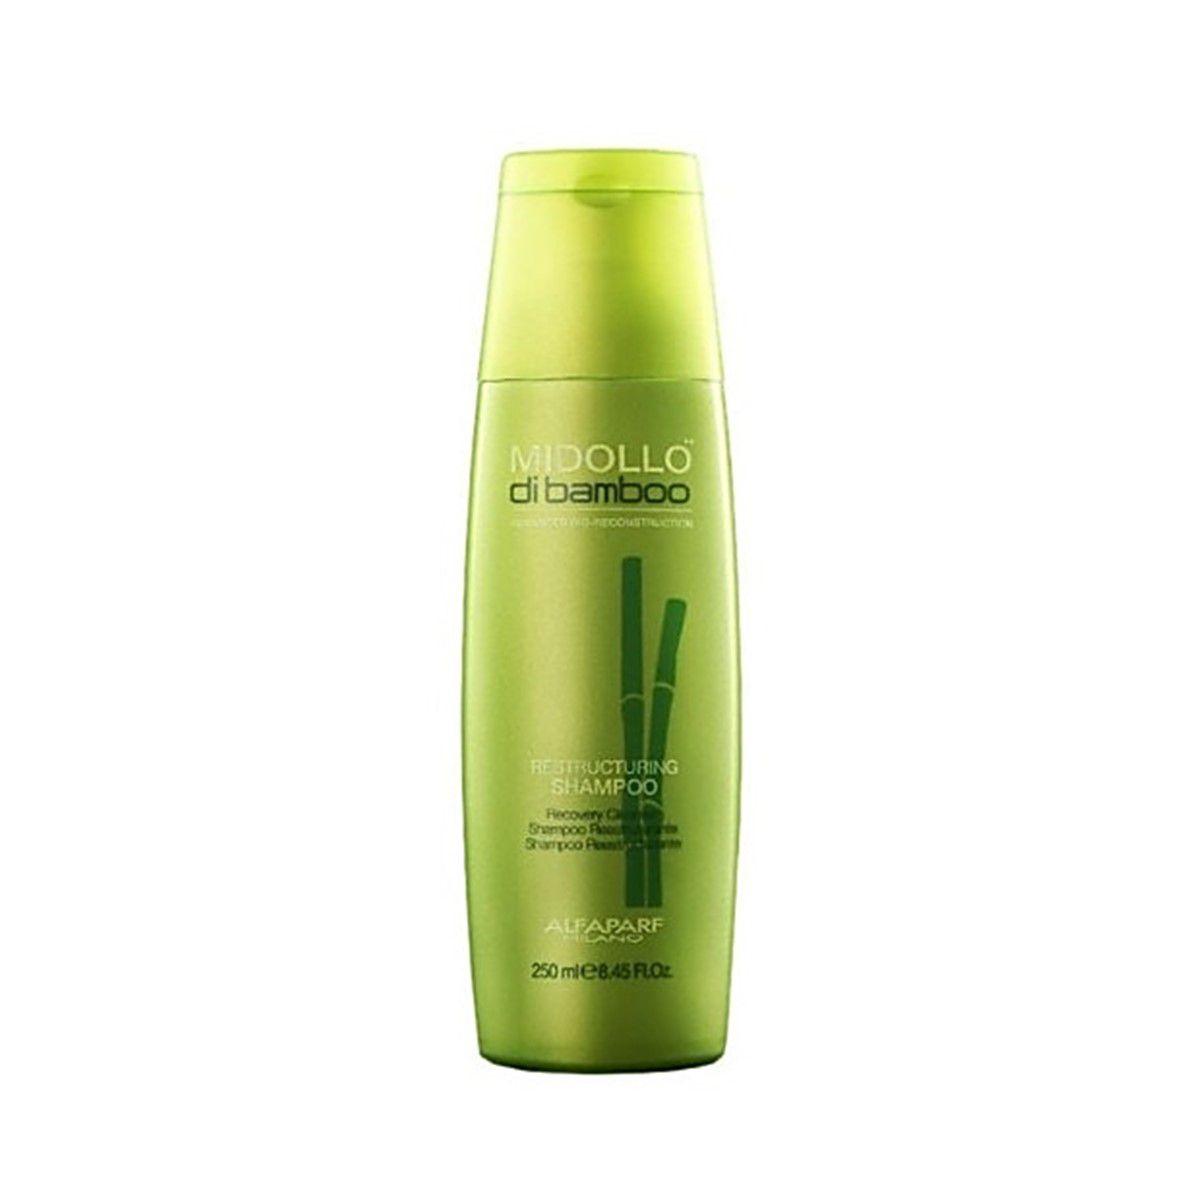 Shampoo Restructuring Alfaparf Midollo di Bamboo - 250ml